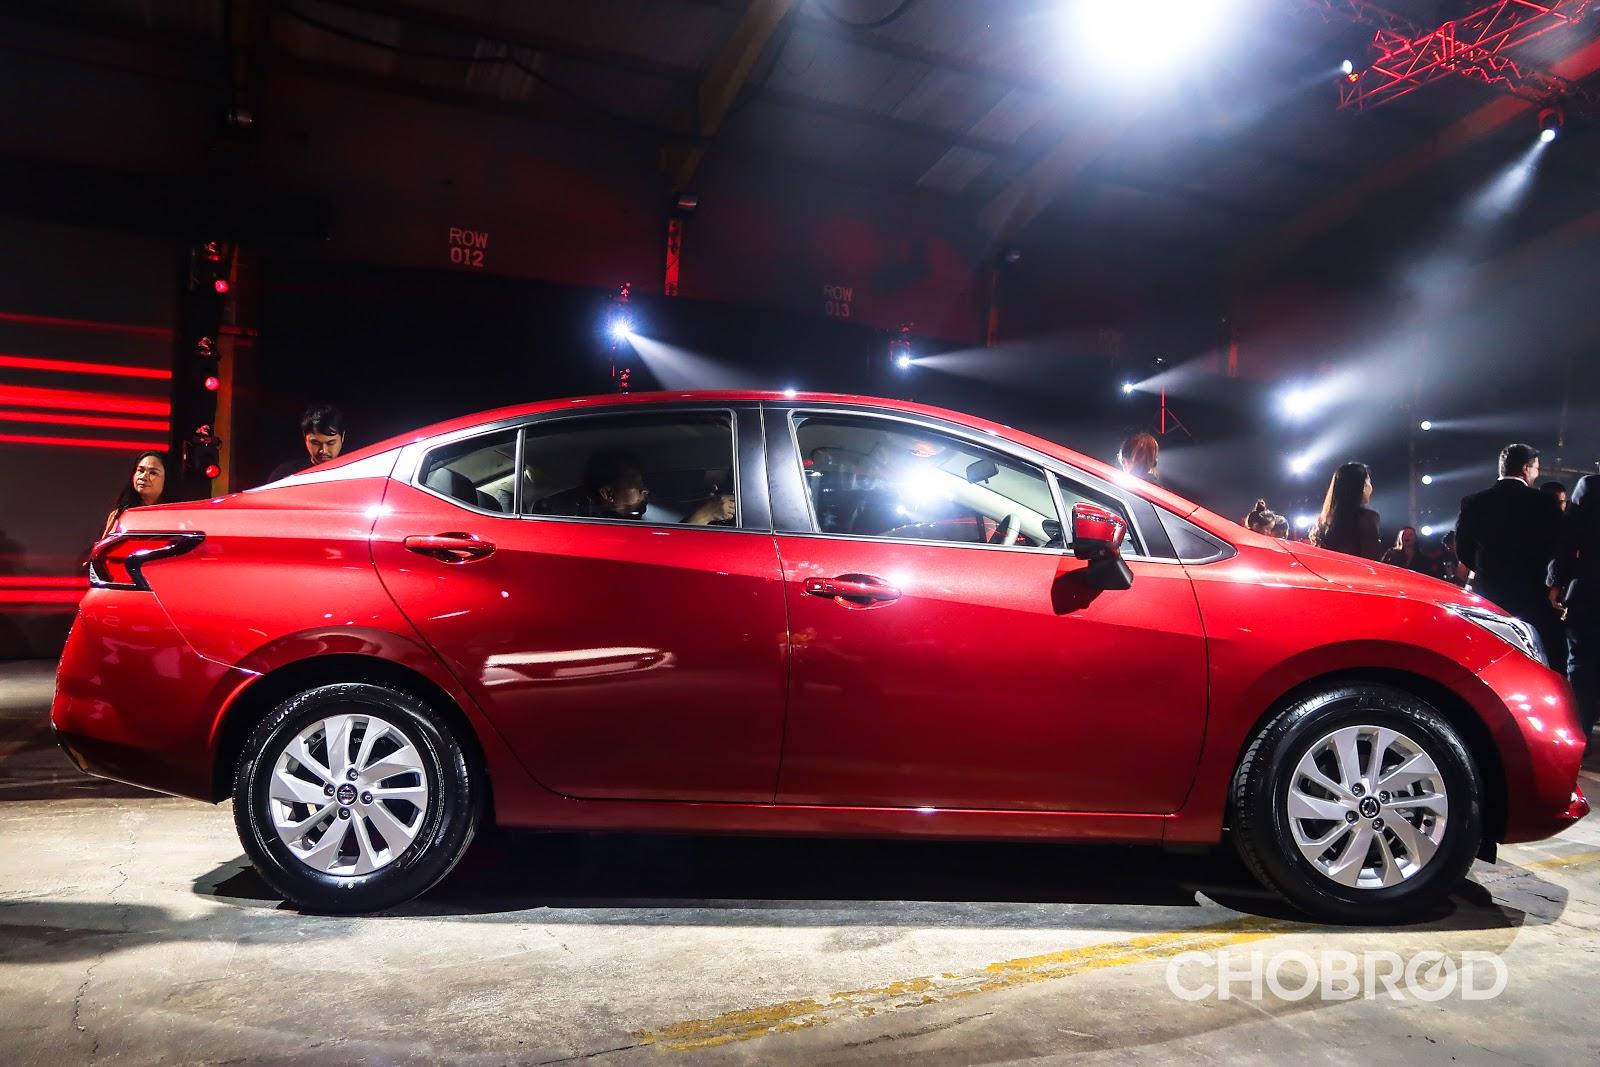 มิติของตัวรถมีความยาว และ กว้างกว่ารุ่นเดิม